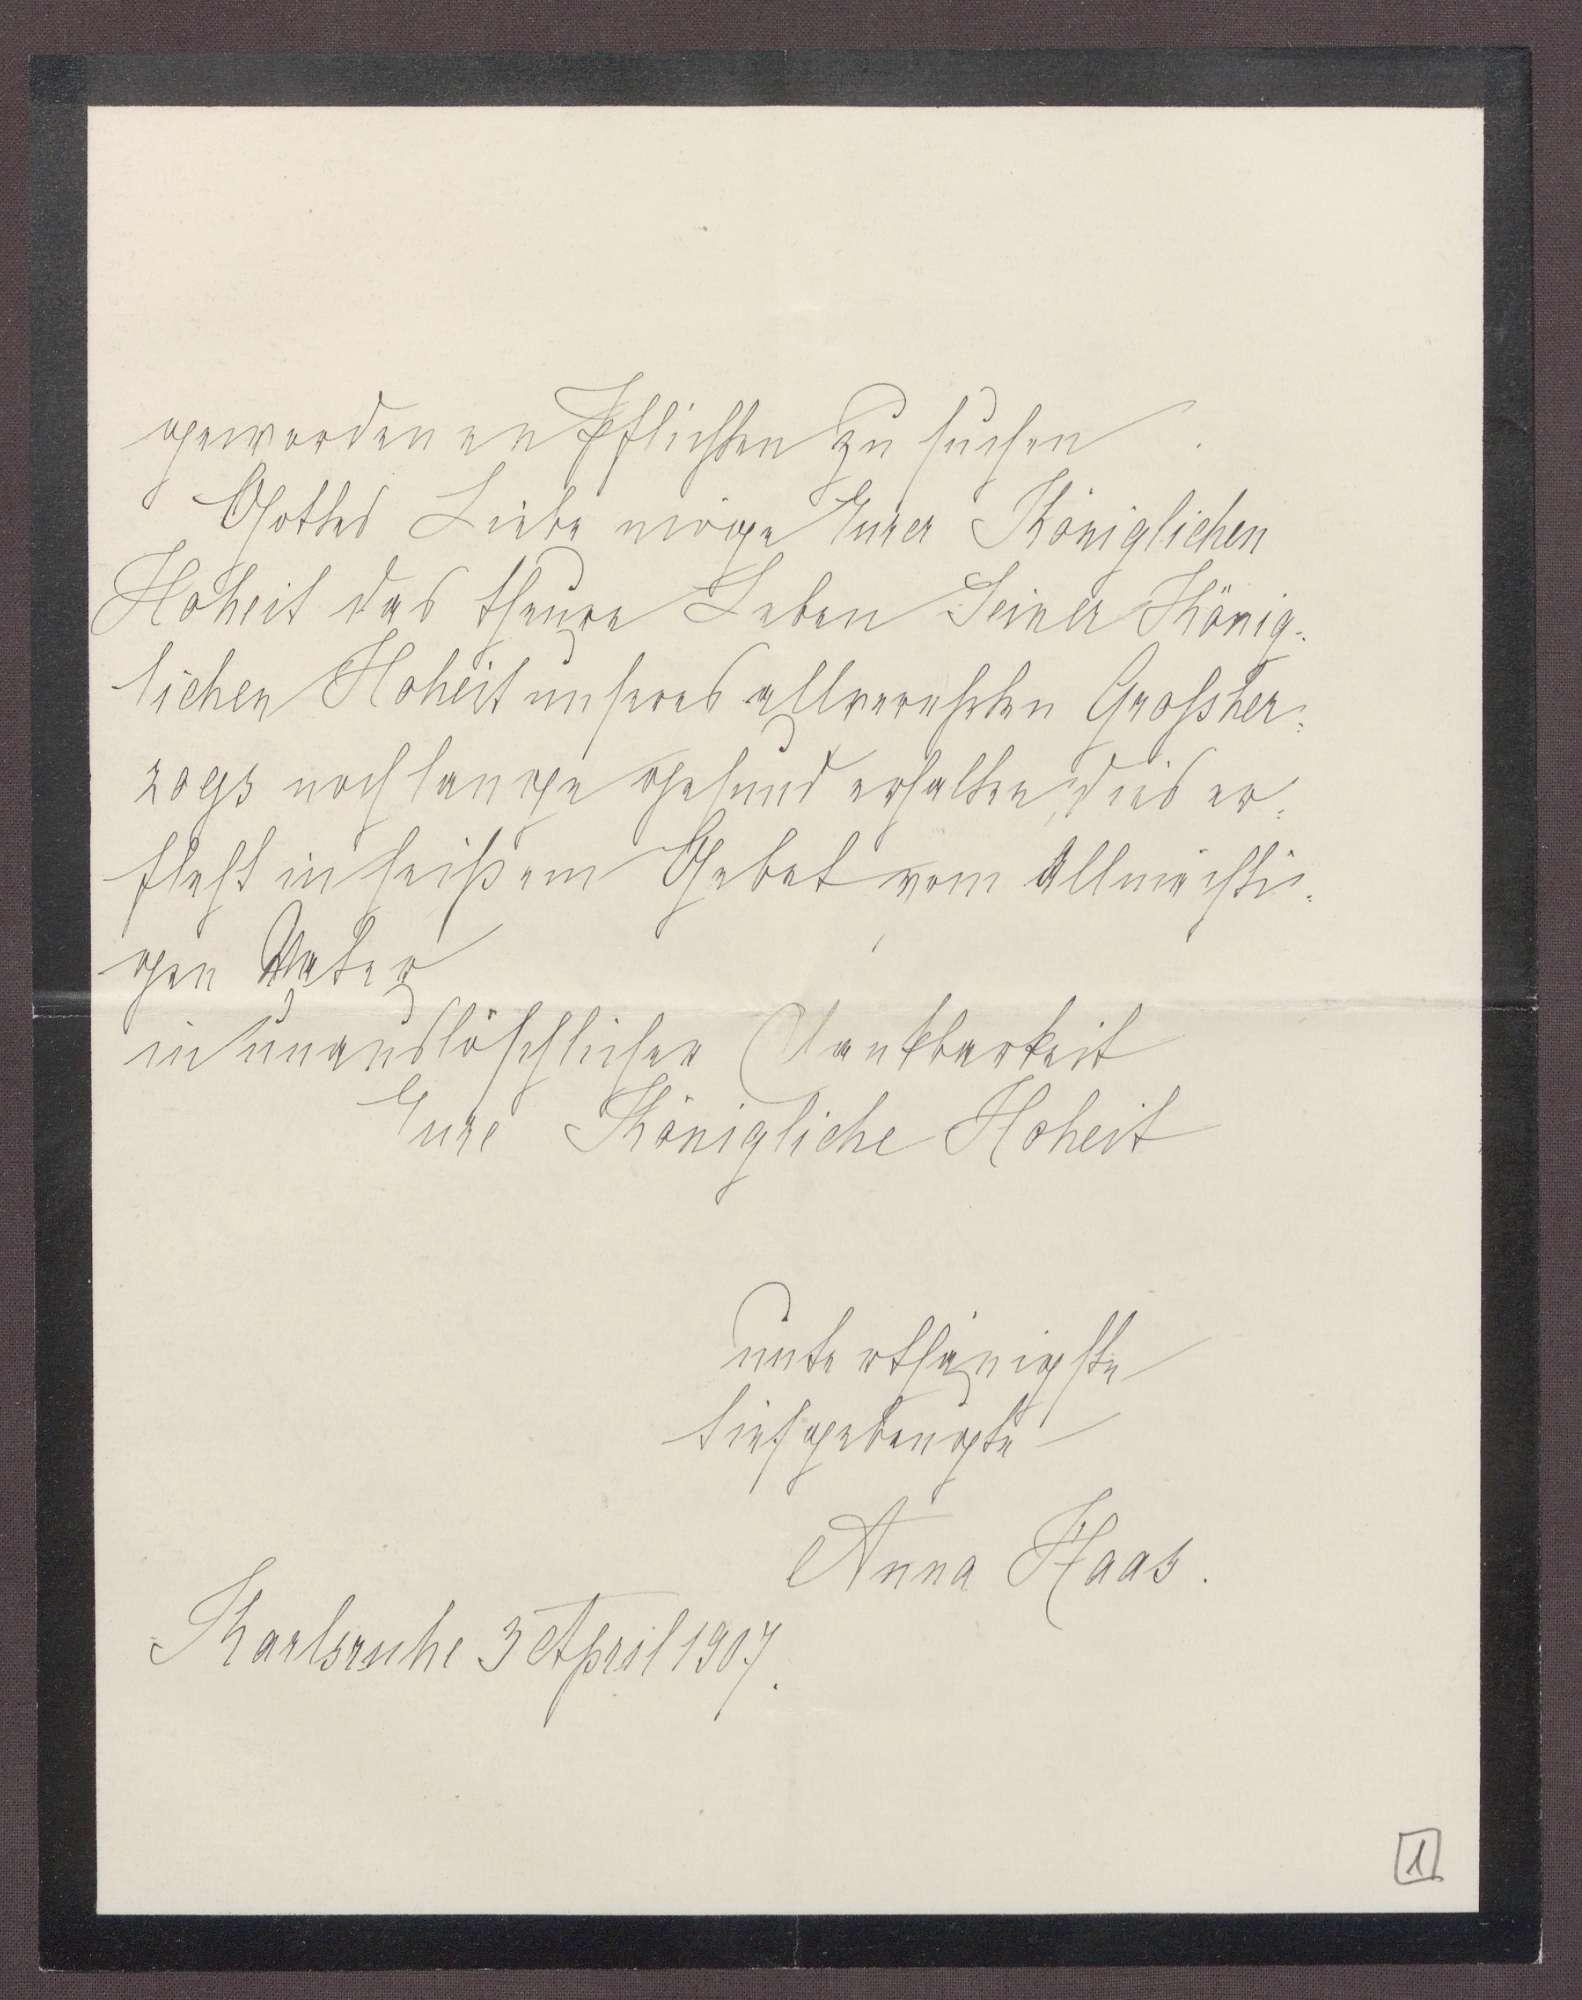 Schreiben von Anna Haas an die Großherzogin Luise; Tod des Ehemannes von Anna Haas und Dank für Anteilnahme durch die Großherzogin, Bild 3